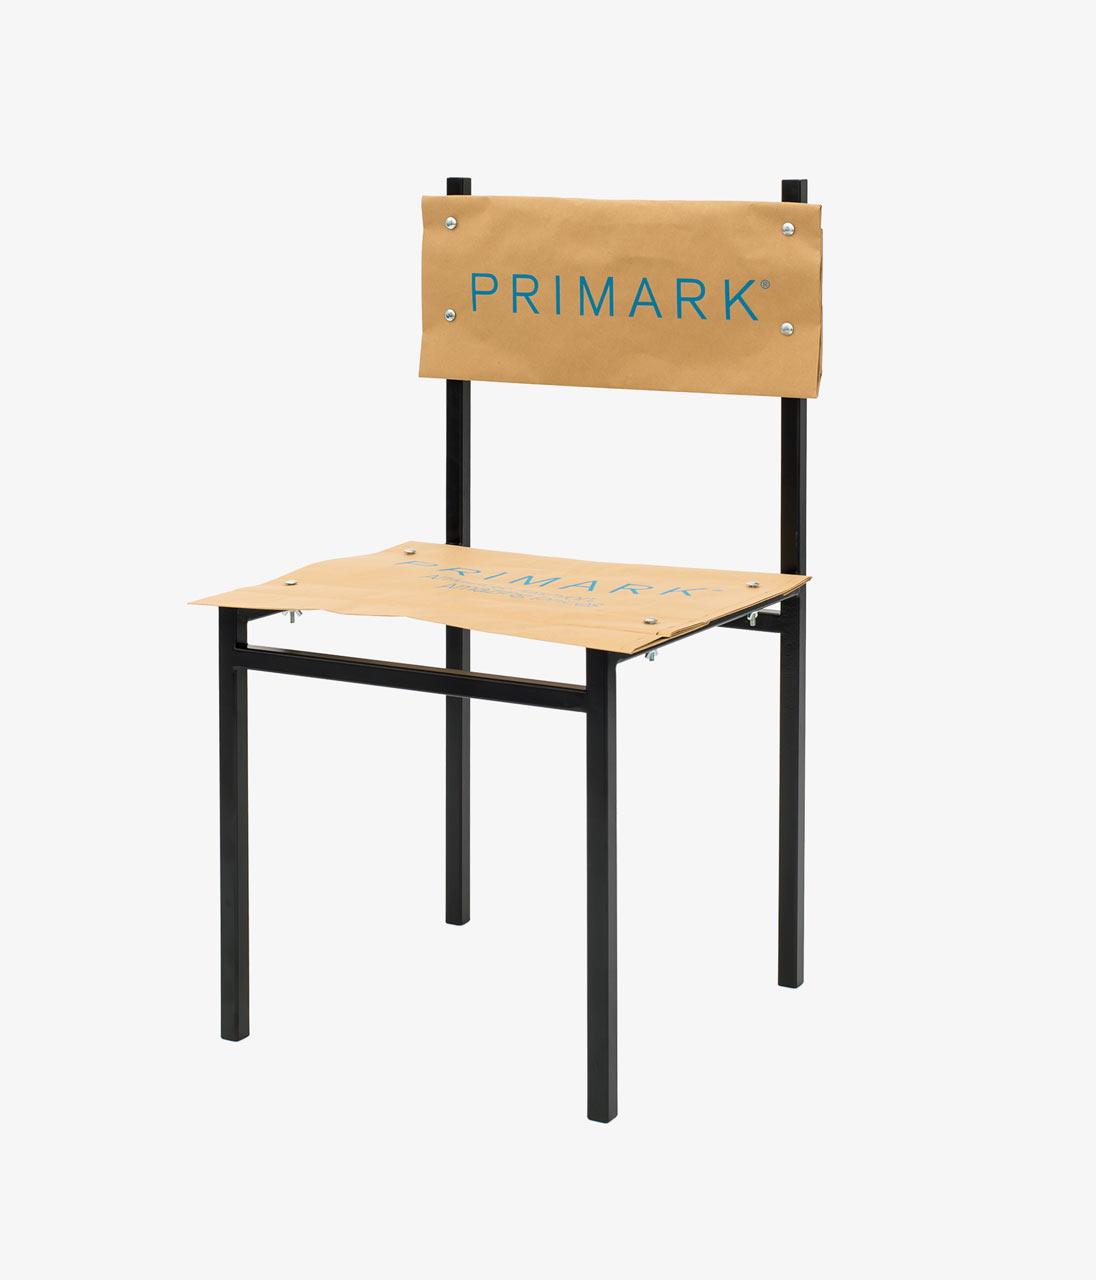 simon_freund-shopping_bag_chairs-hisheji (5)